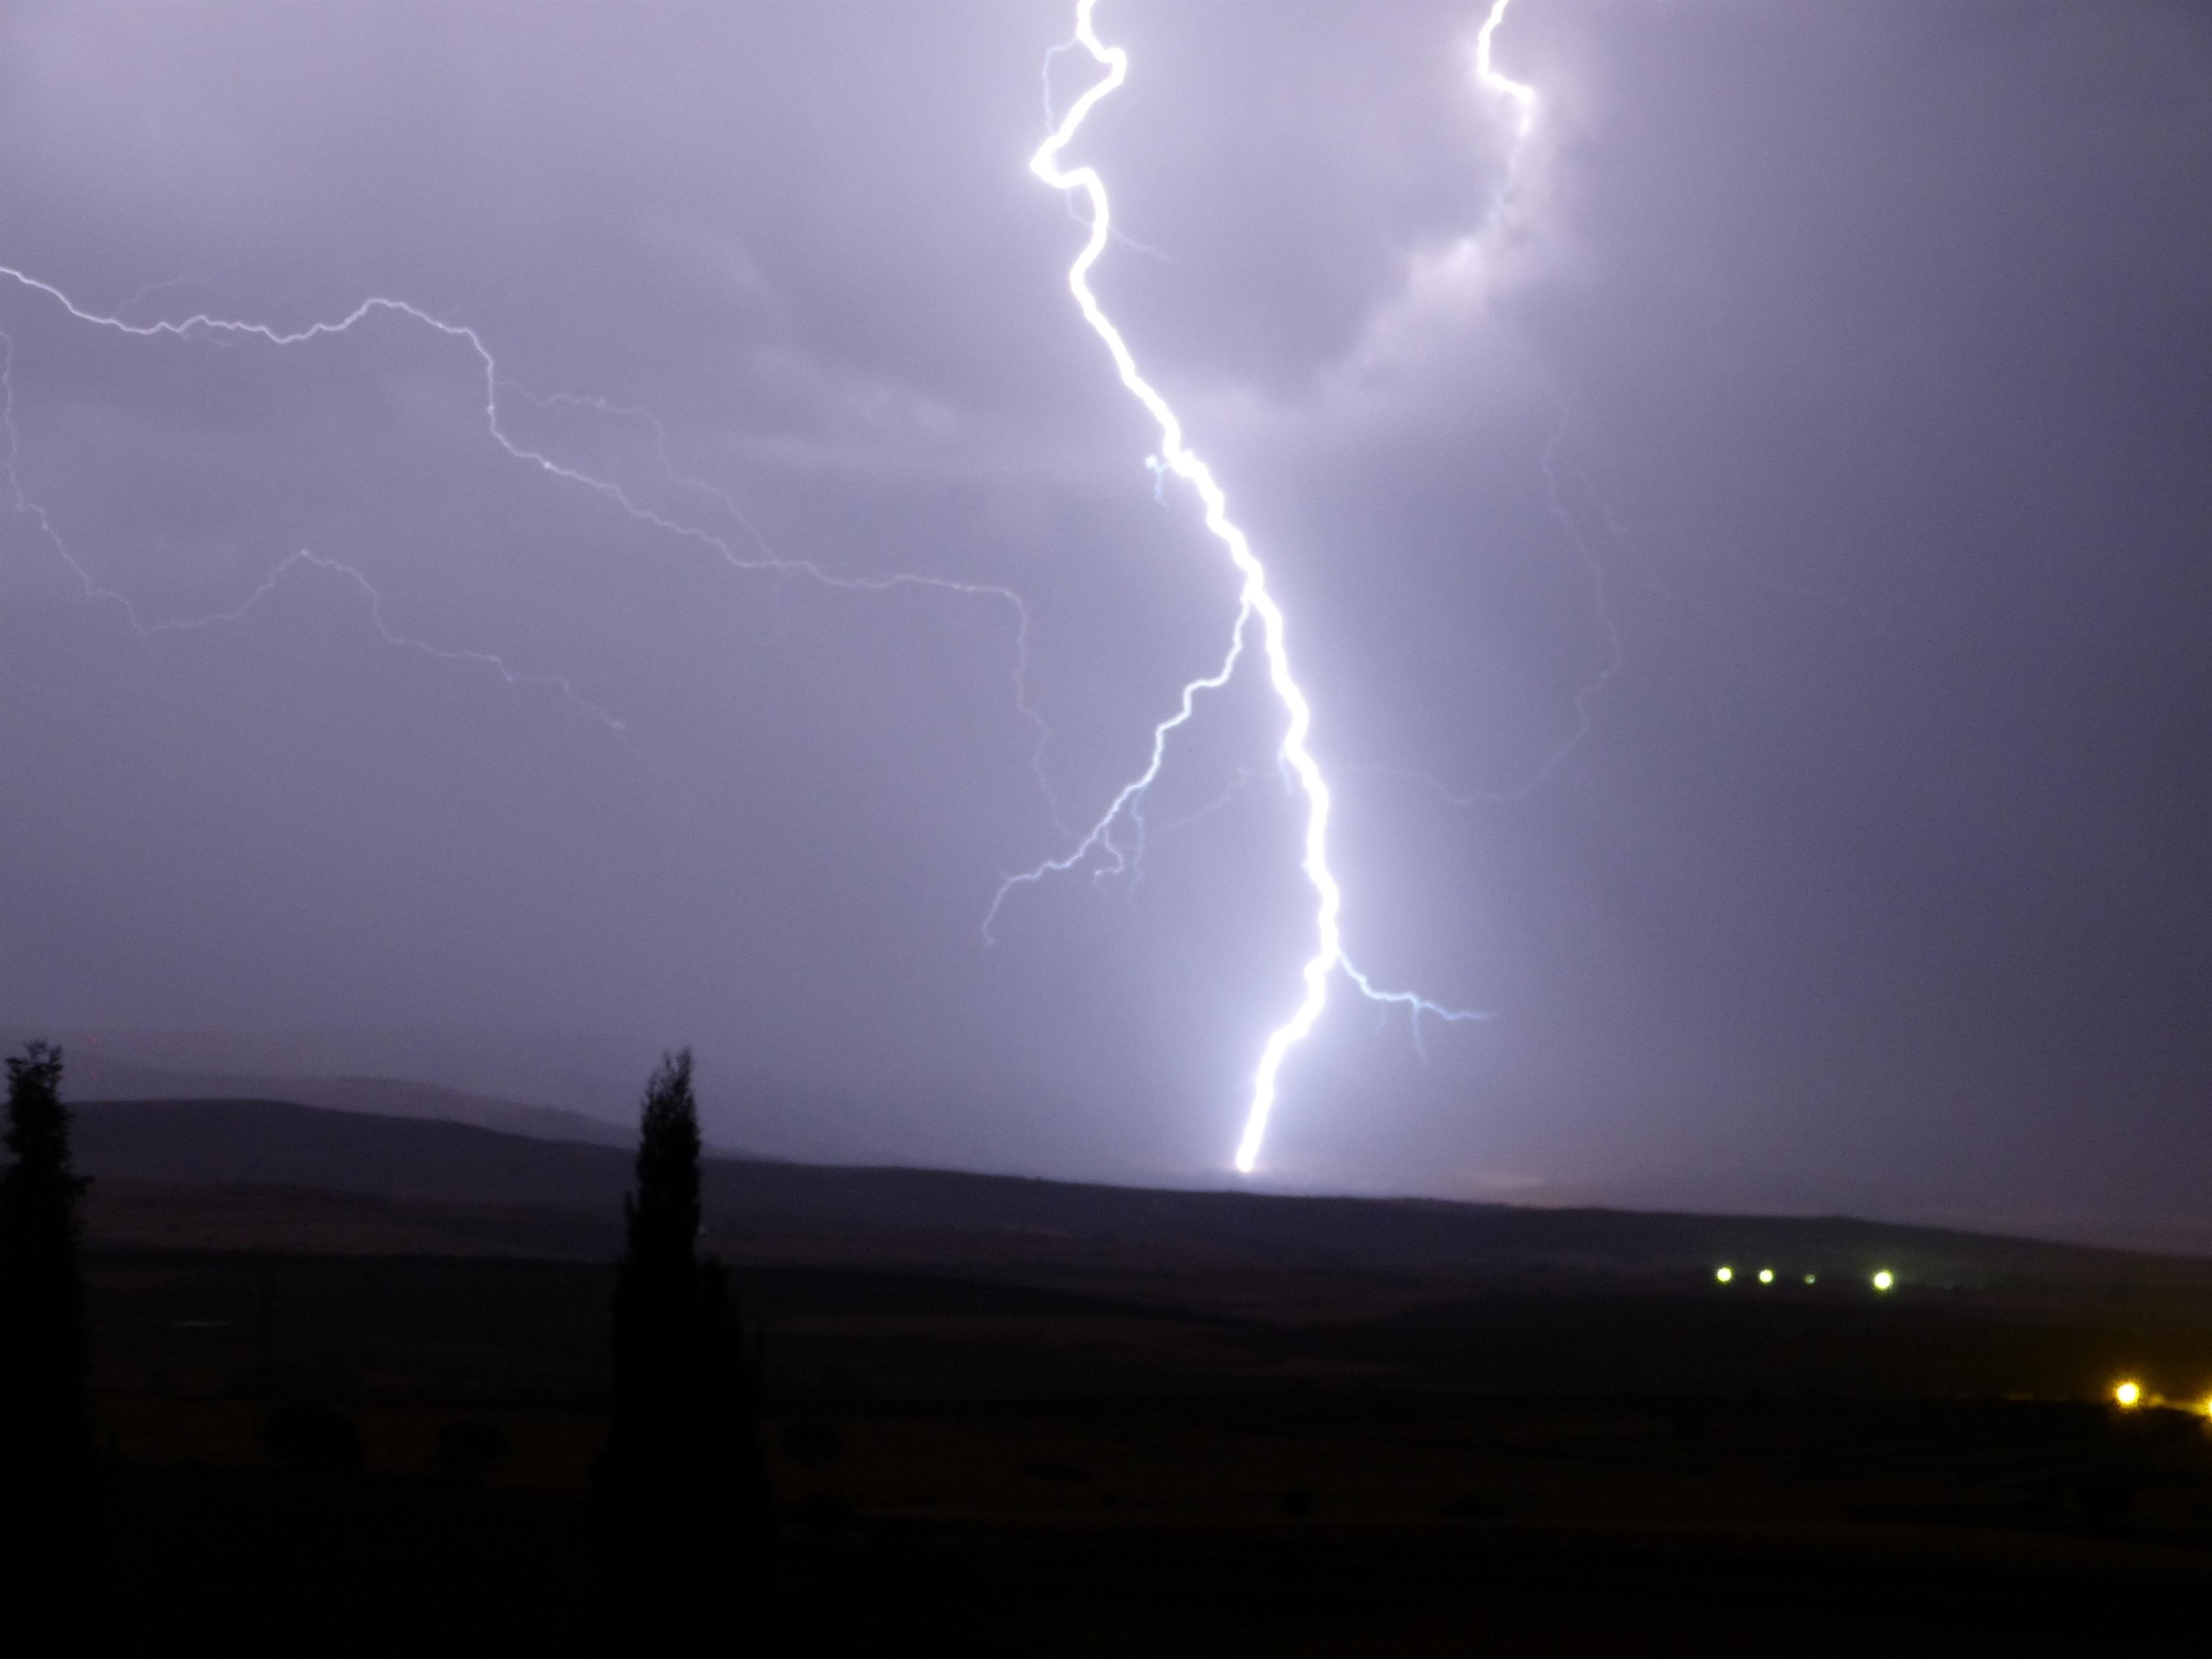 Protección Civil advierte de la posibilidad de tormentas en Burgos y Soria esta tarde